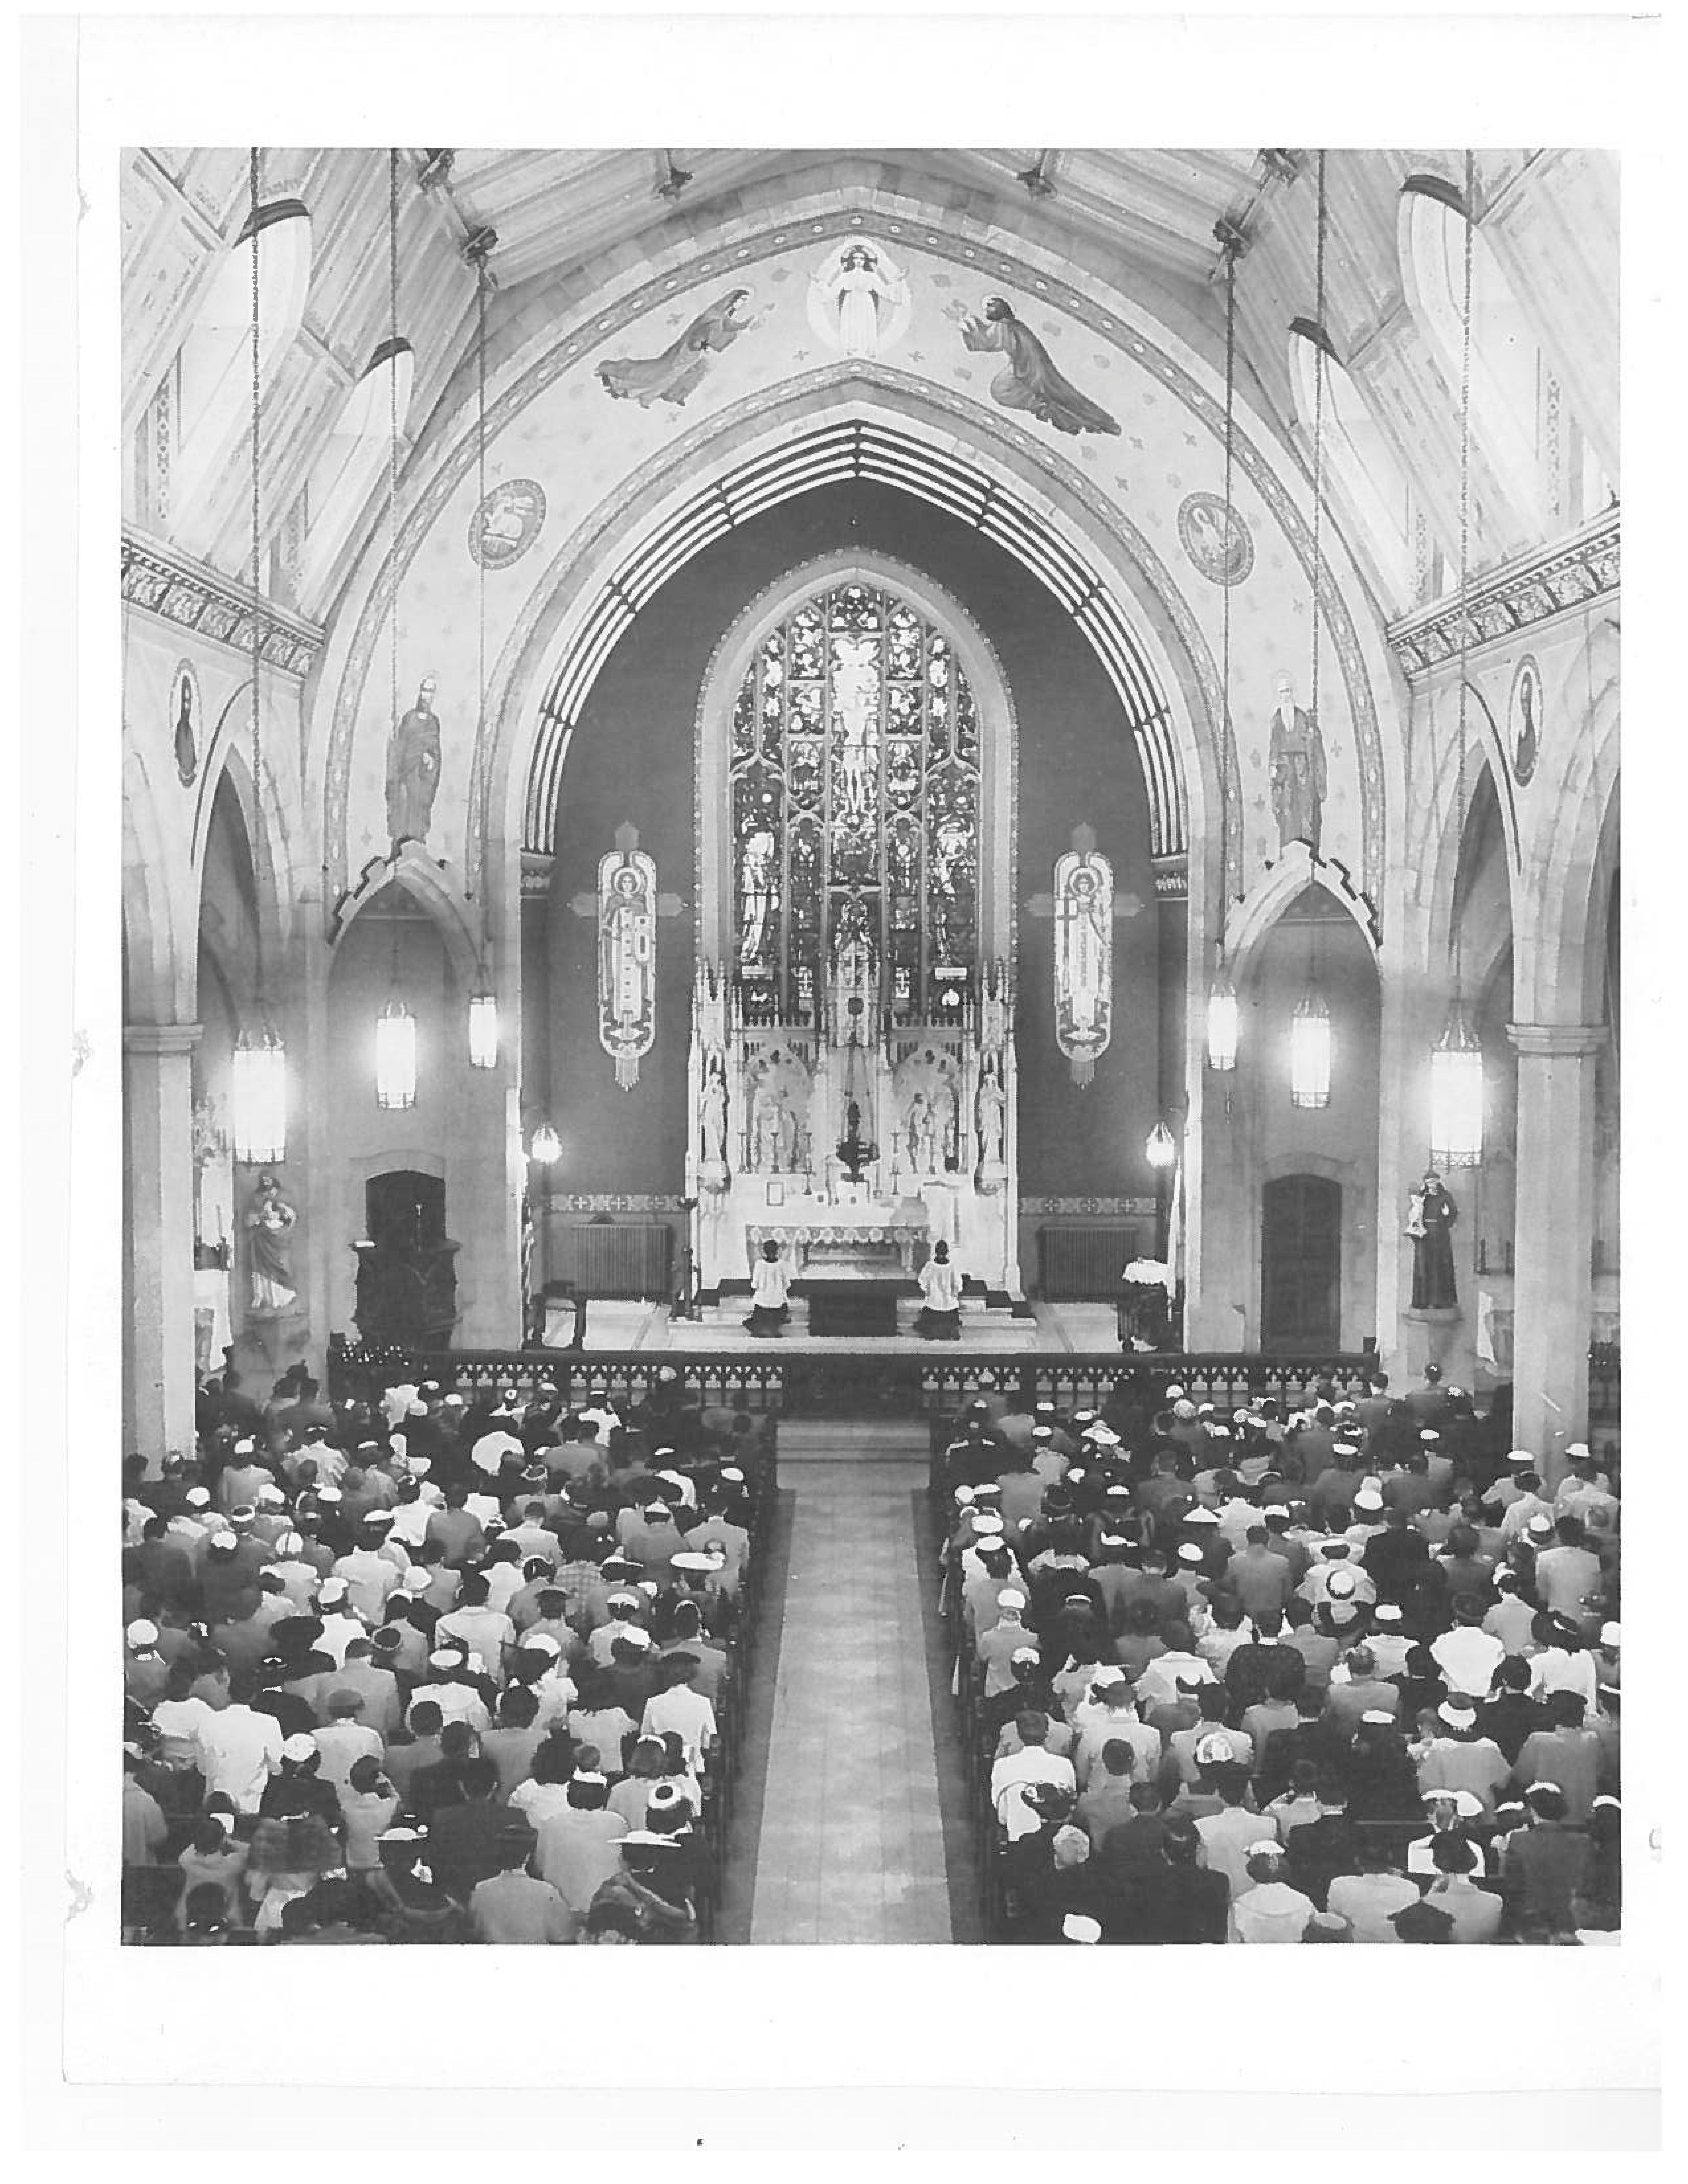 Church 1950